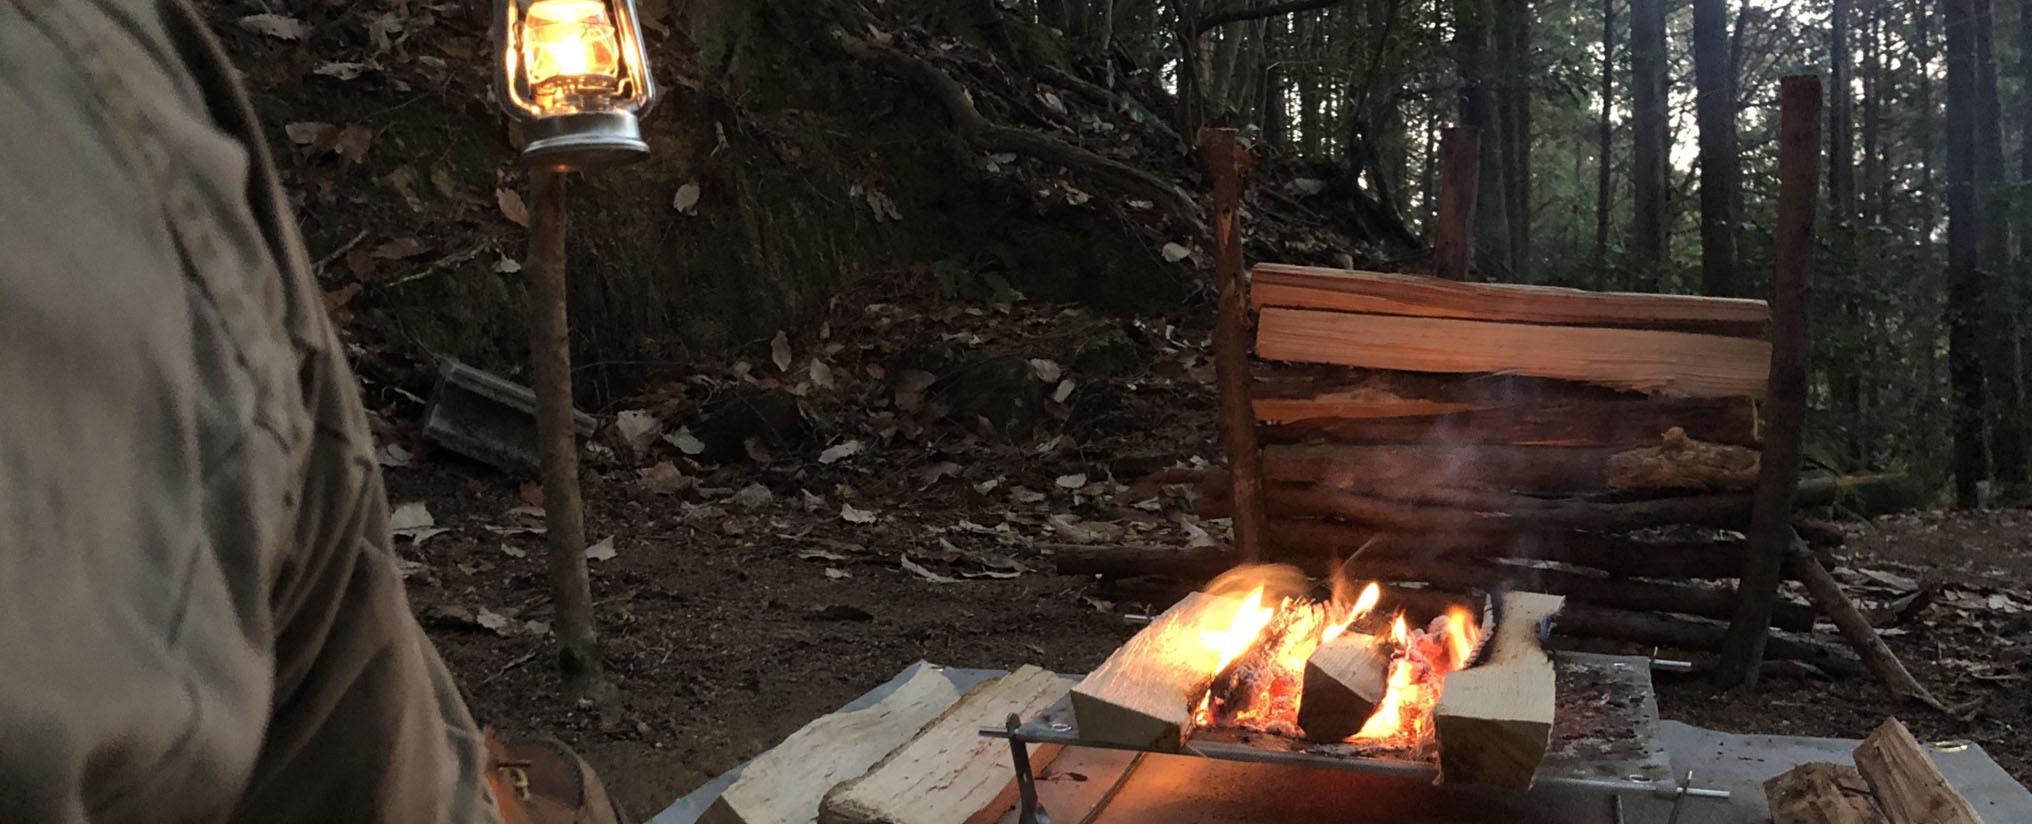 ソロキャンプの焚火